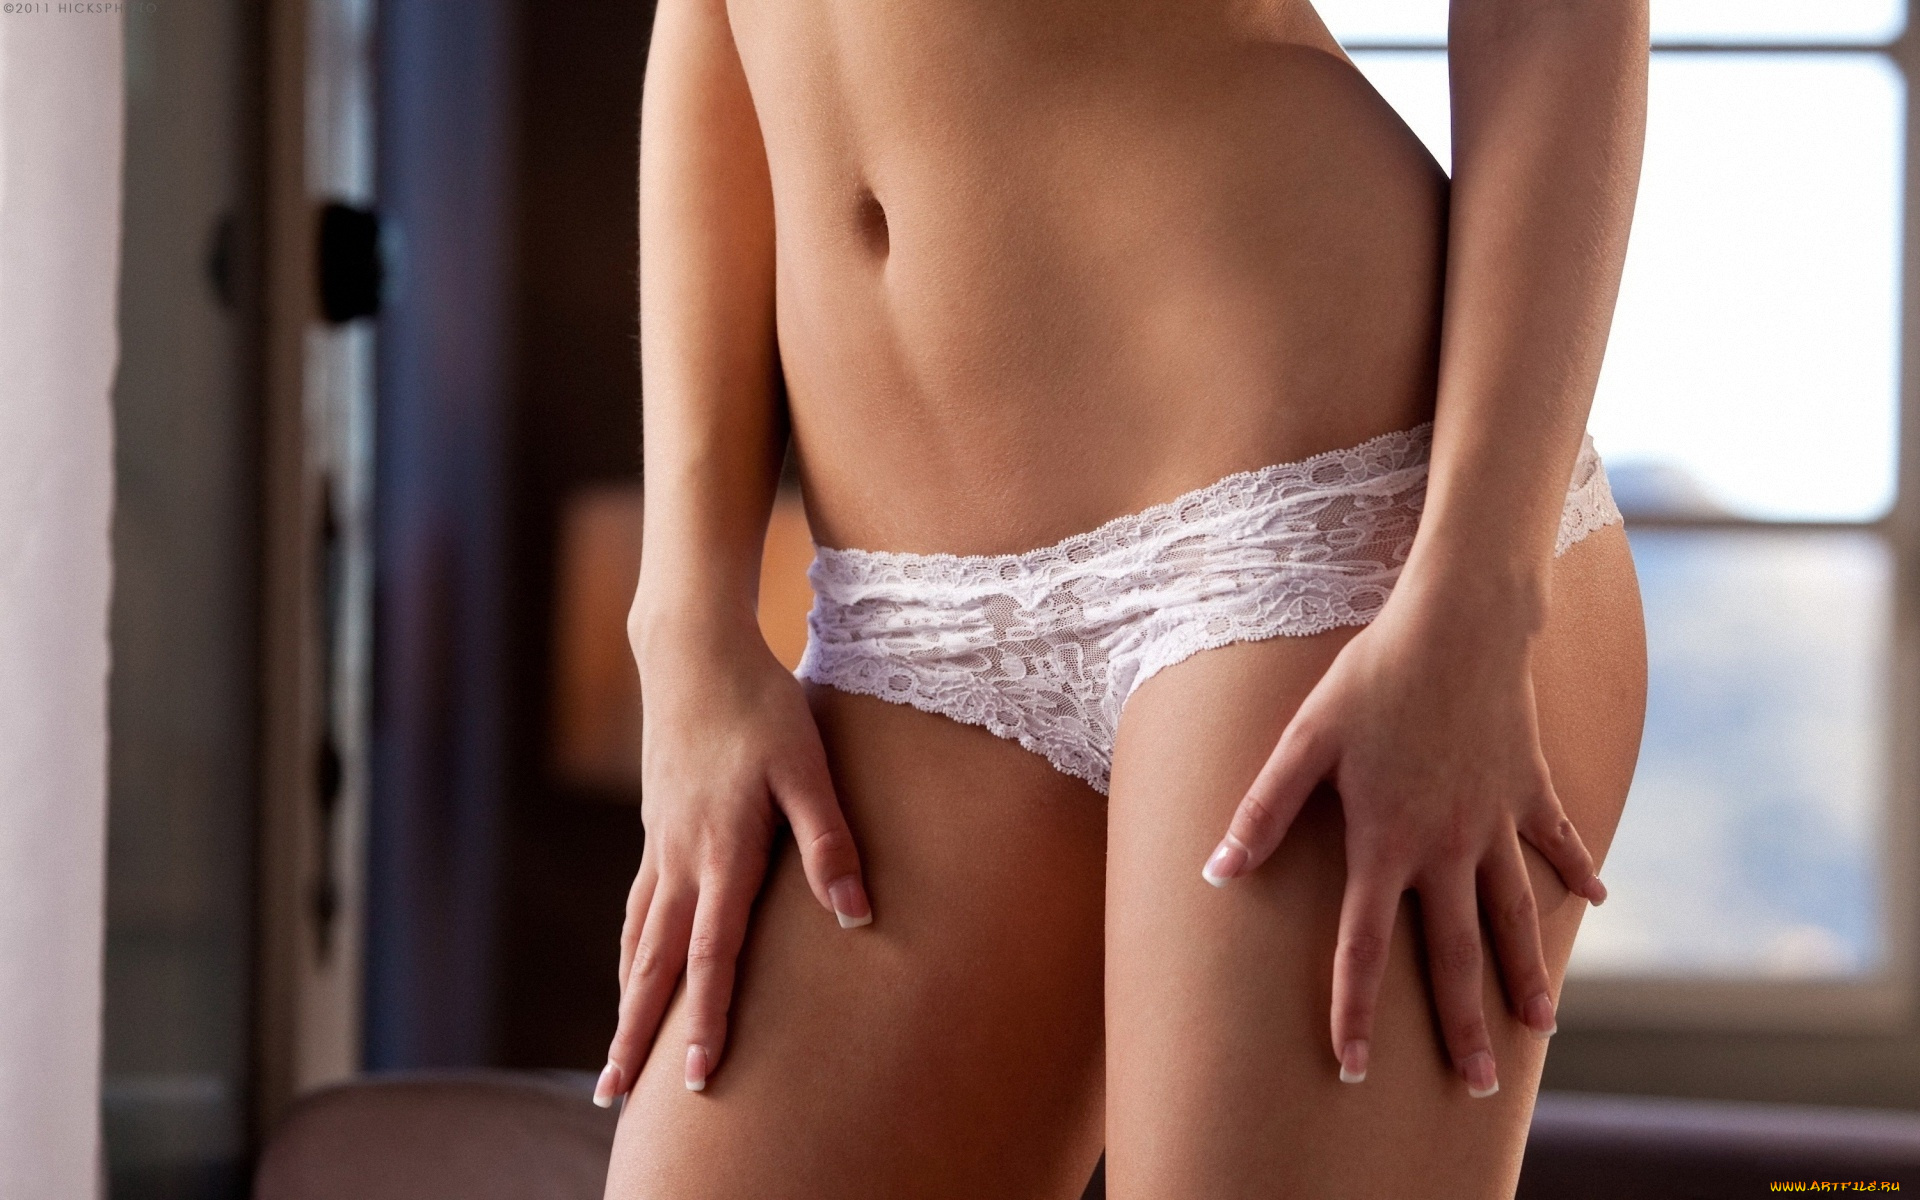 Смотреть женскую мастурбацию крупным планом бесплатно, Порно дрочка, мастурбация. Смотреть онлайн видео 16 фотография